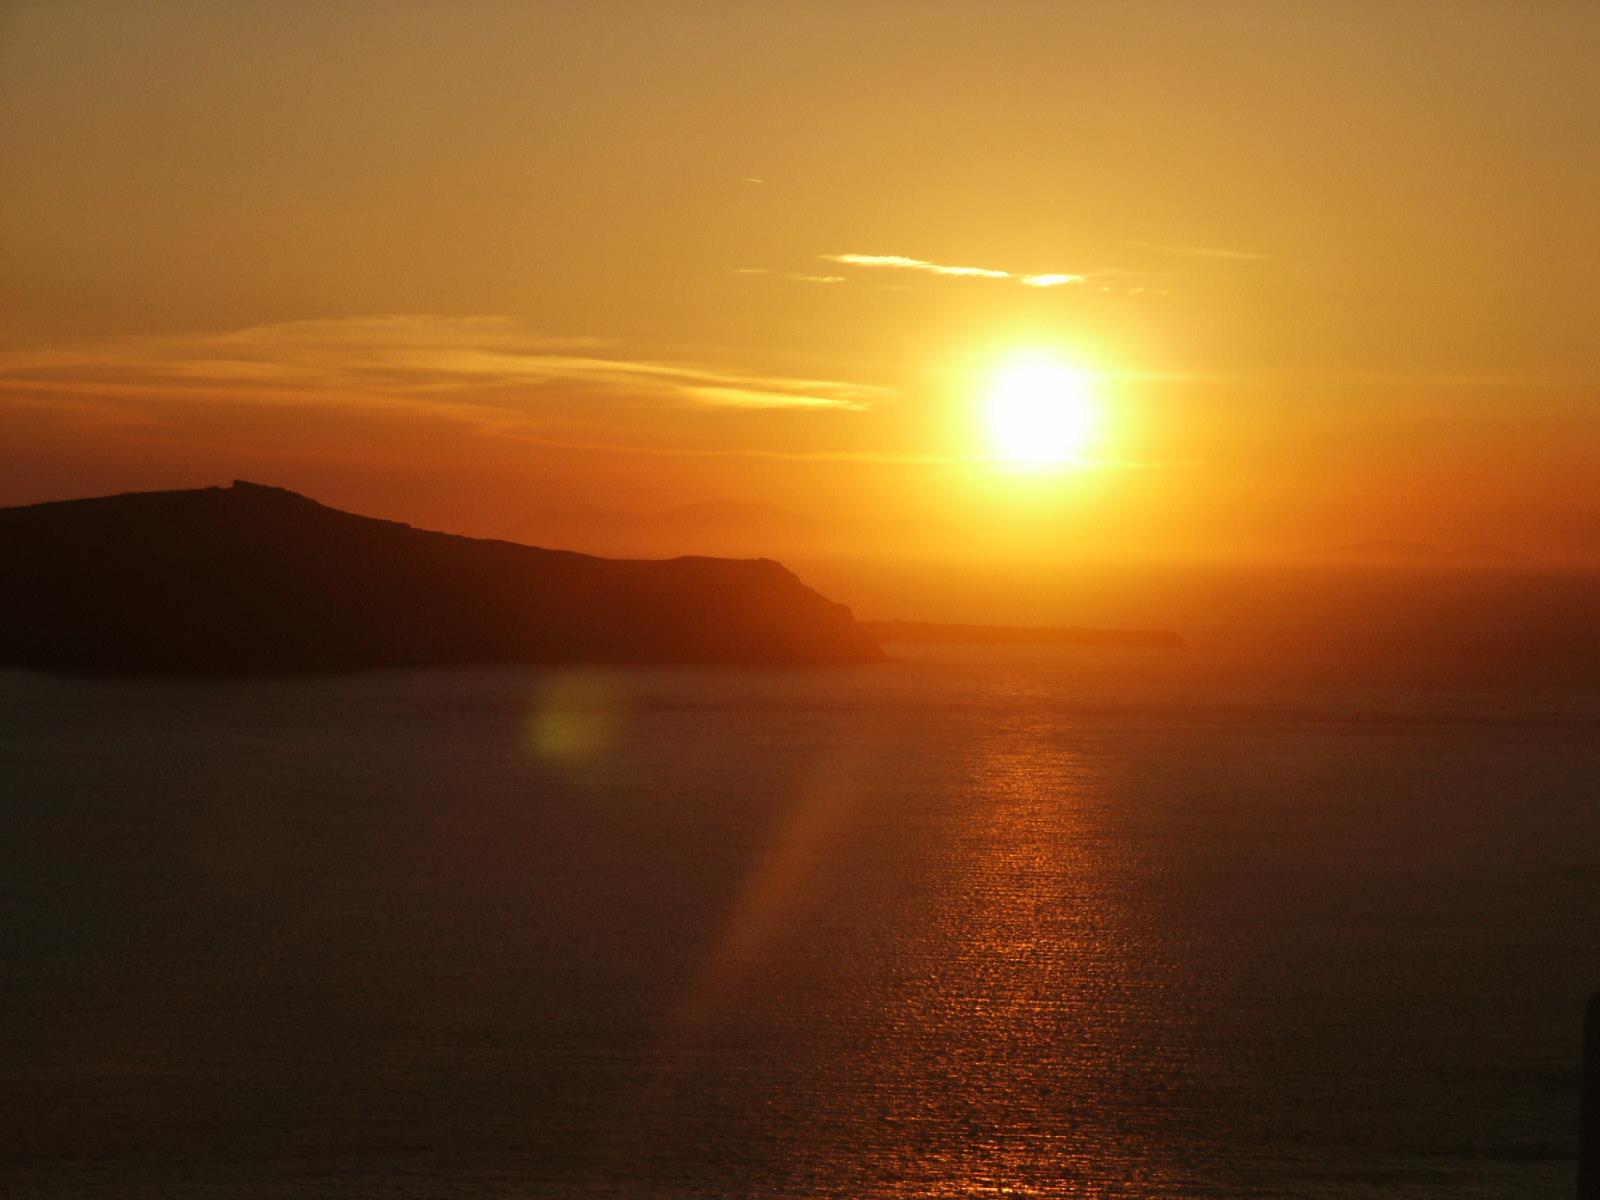 Zonlicht is goed voor je ogen en gezondheid volzicht - Doek voor de zon ...